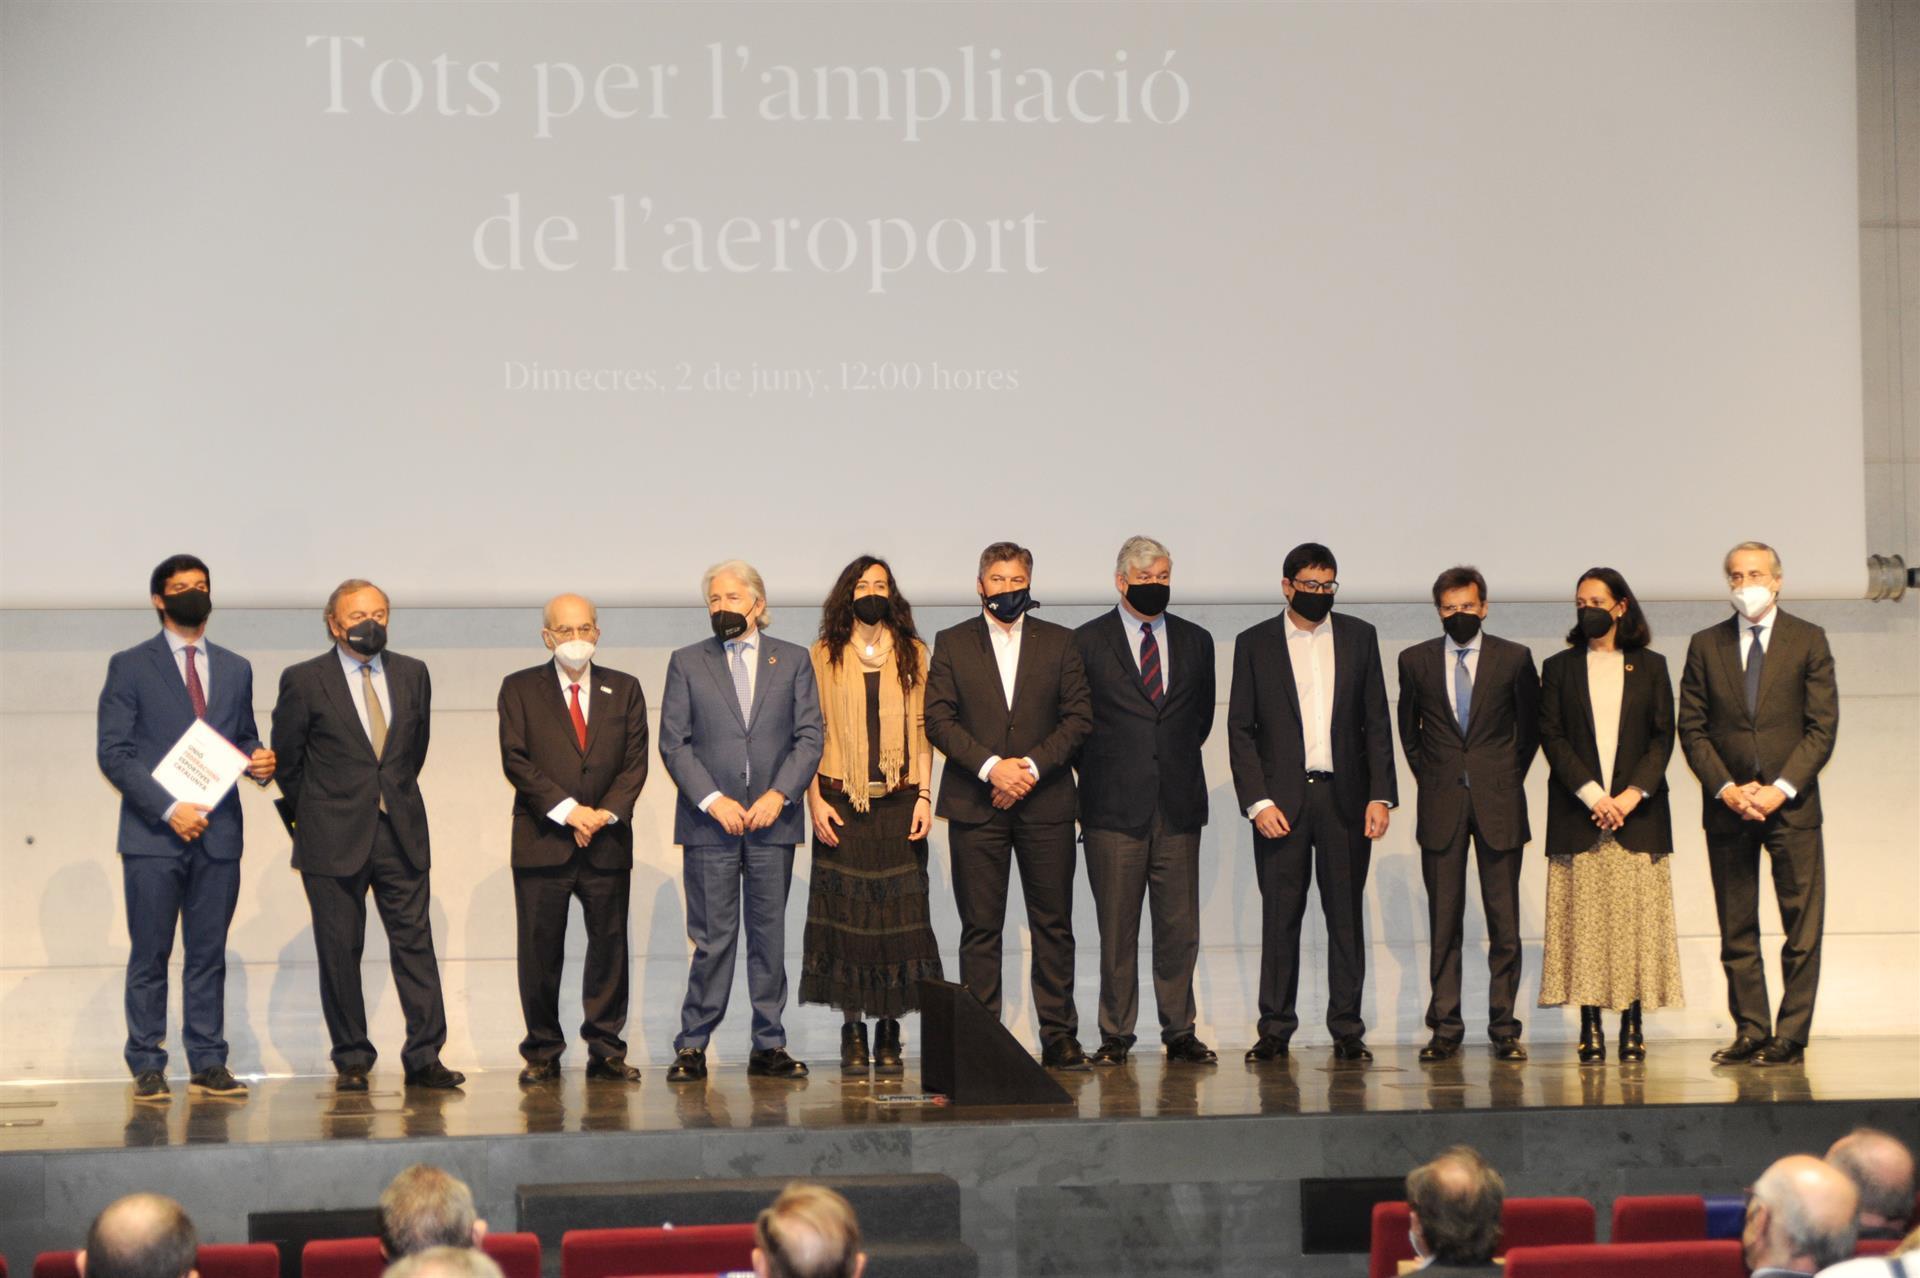 Acto por la ampliación de El Prat.